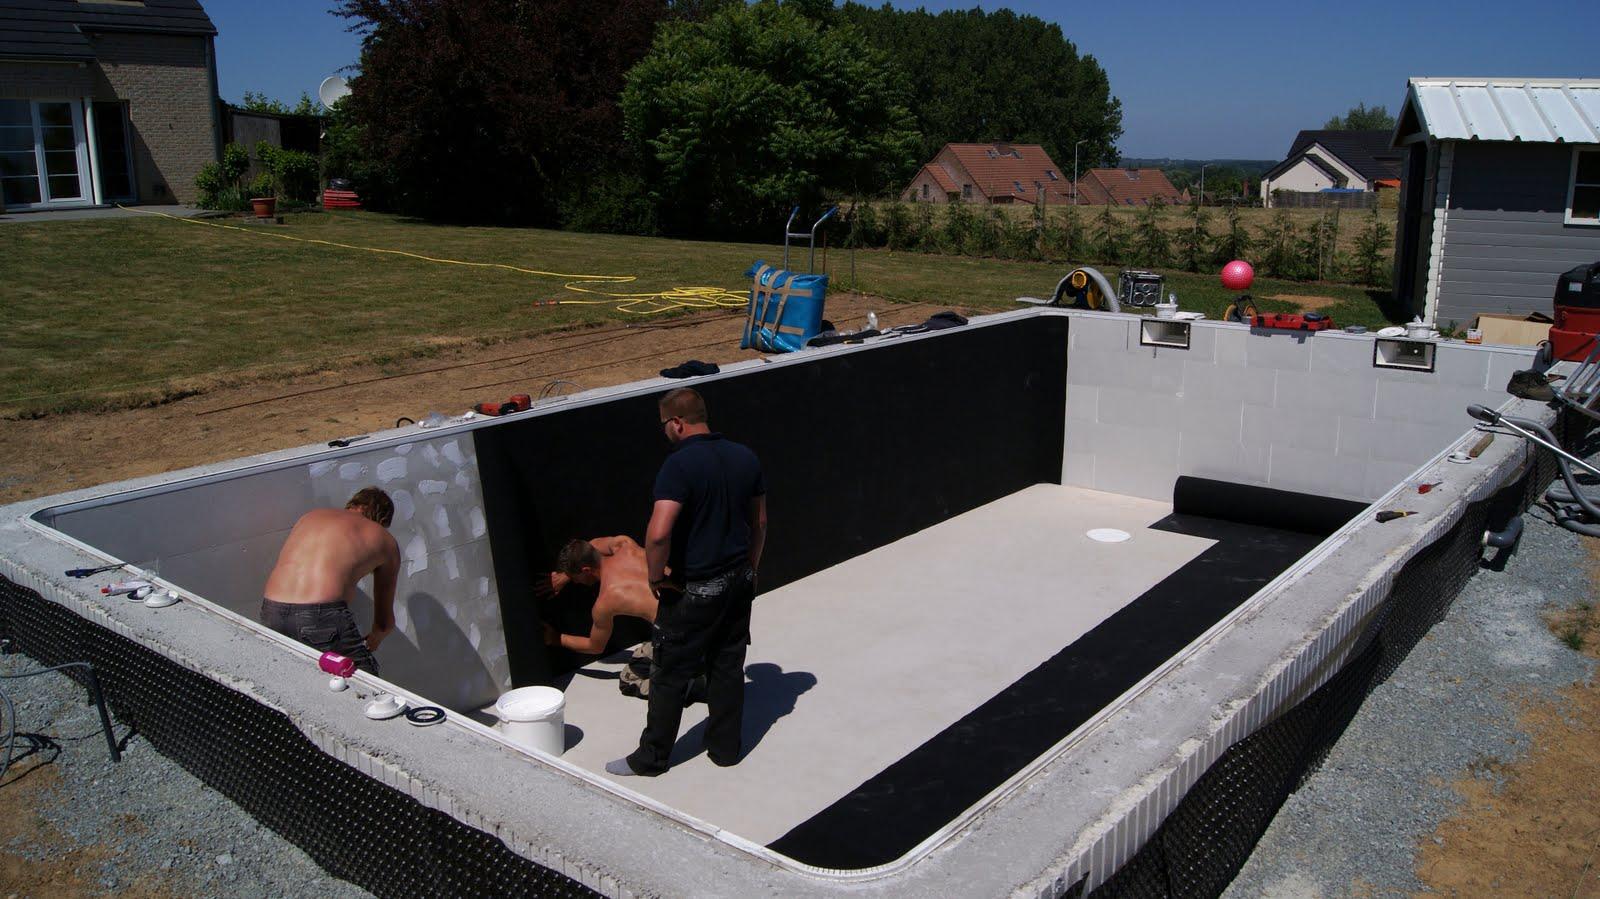 Ma piscine en polystyr ne avril 2011 for Piscine mortier tours